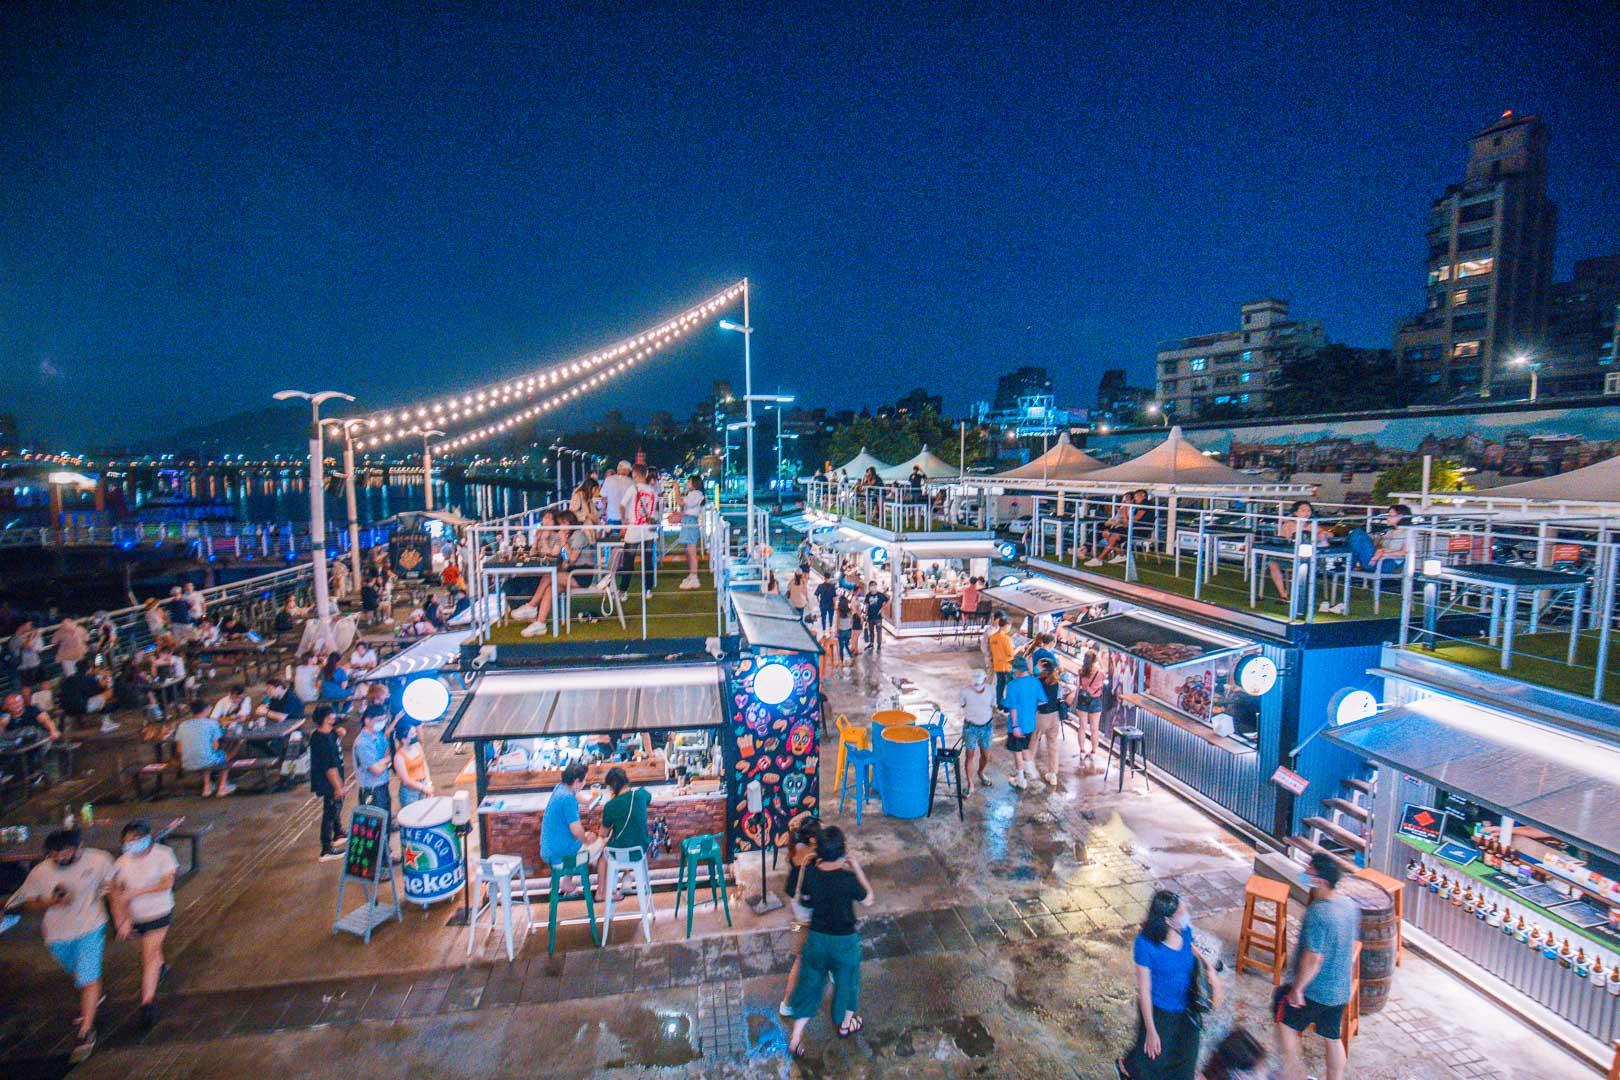 台北夜景》大稻埕碼頭貨櫃市集,越夜越美麗河畔碼頭,超浪漫奇幻彩色貨櫃市集!